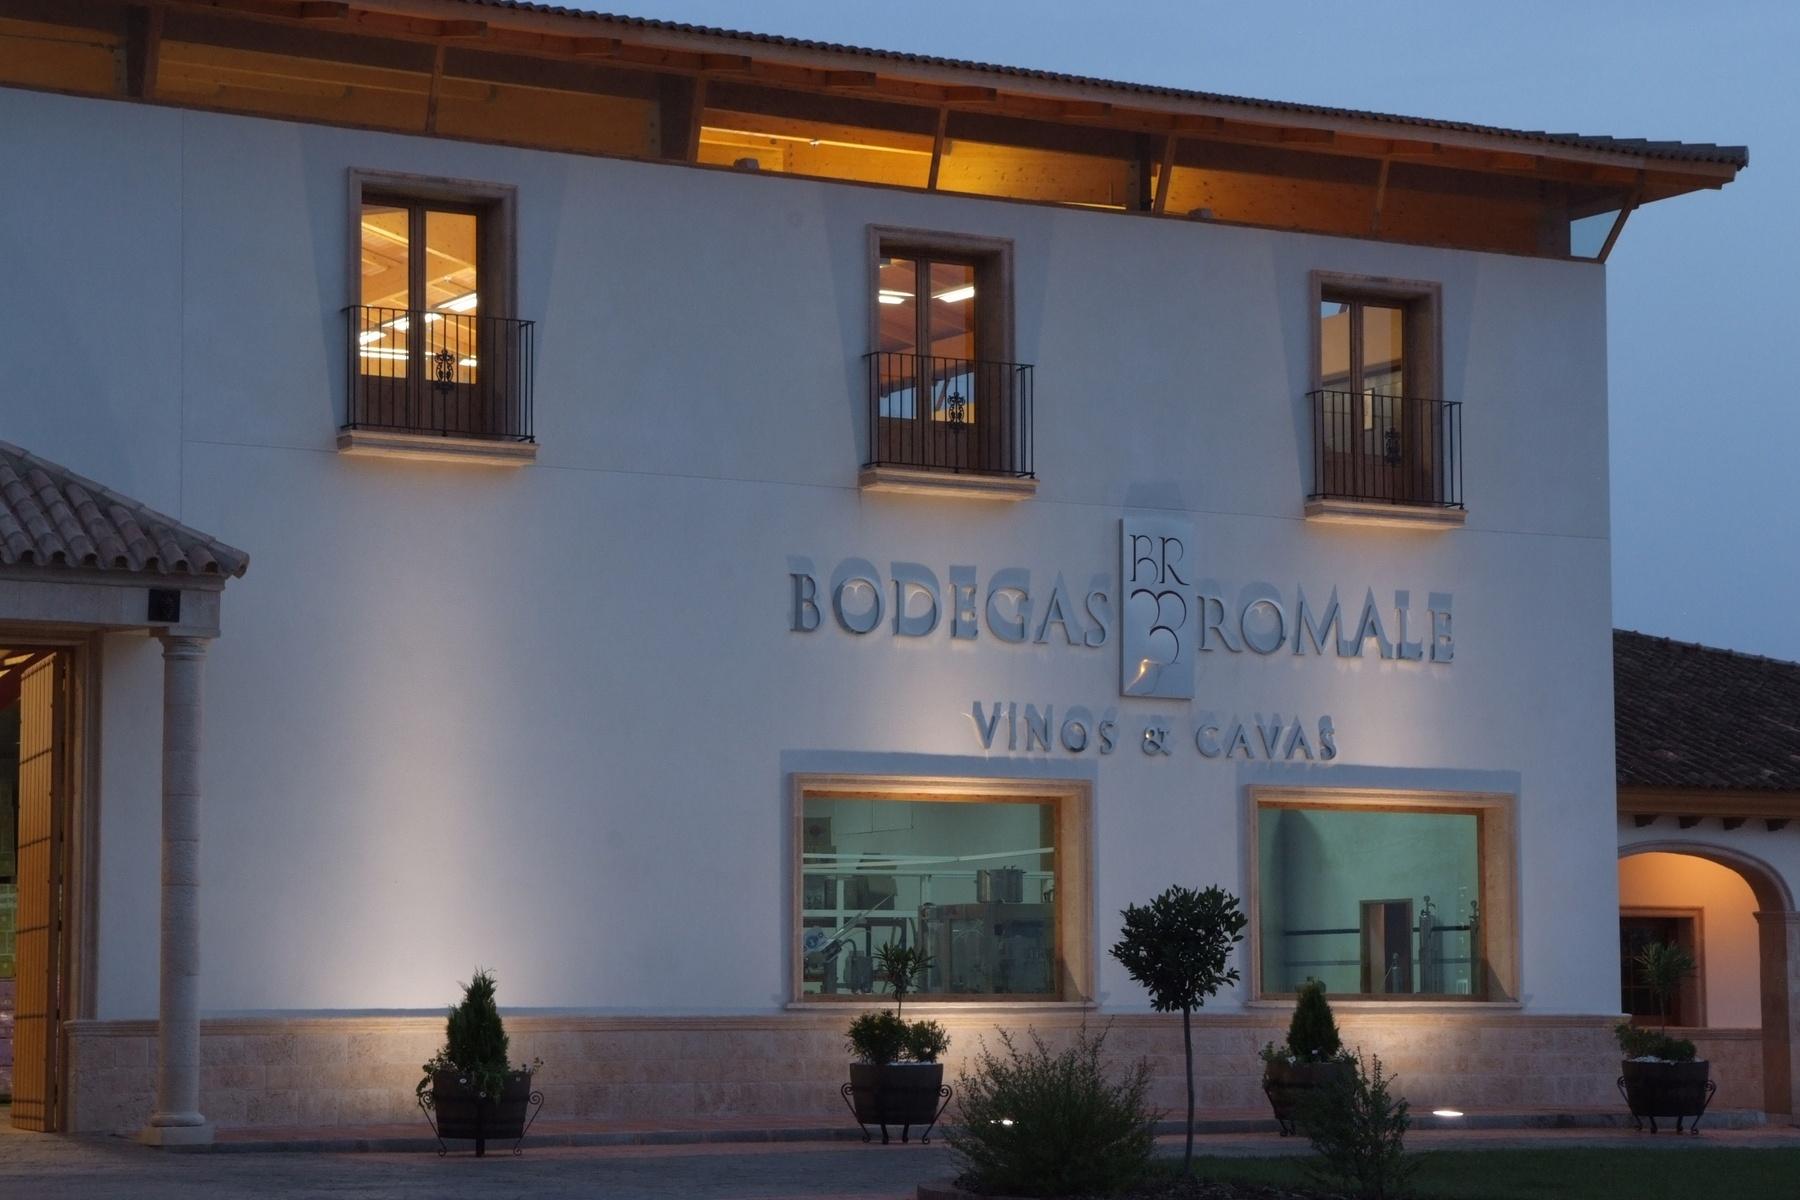 Bodegas Romale